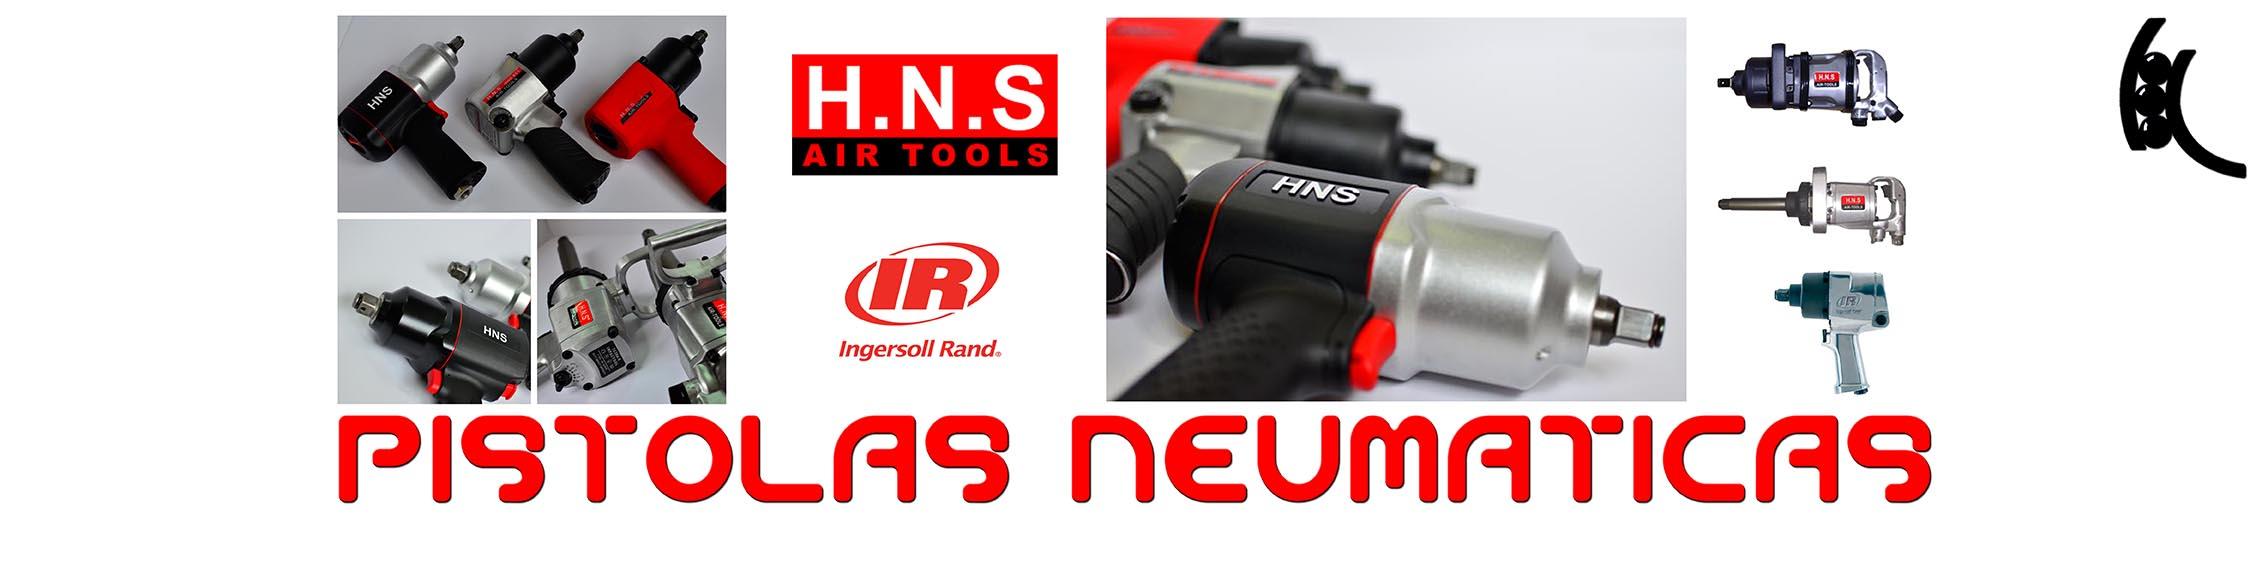 pistolas neumaticas 2.jpg